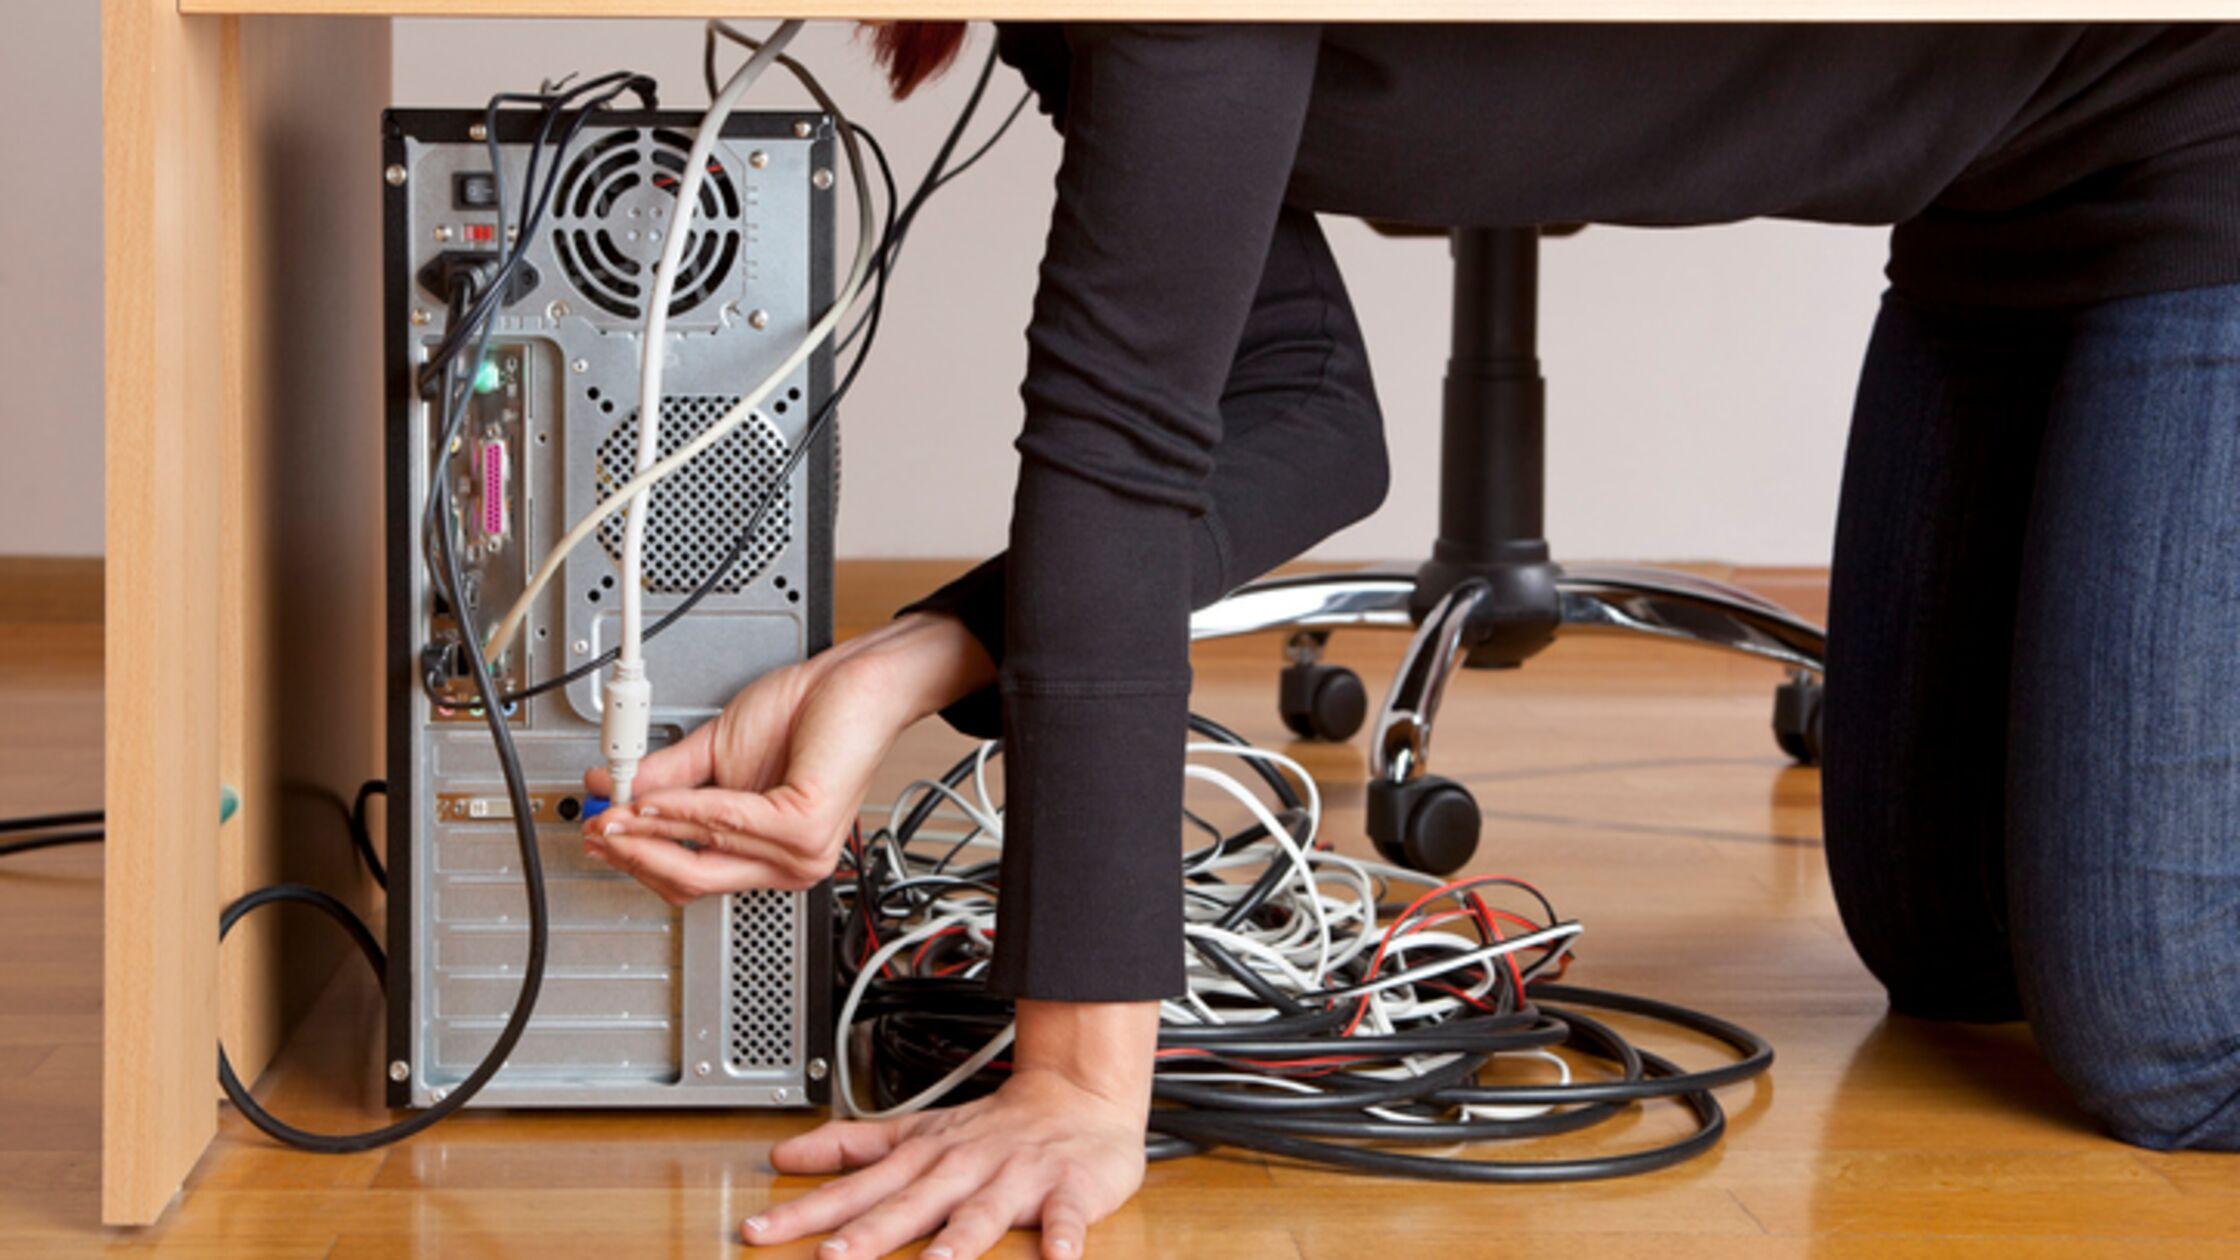 PC transportieren: So kommt der Rechner sicher im neuen Heim an